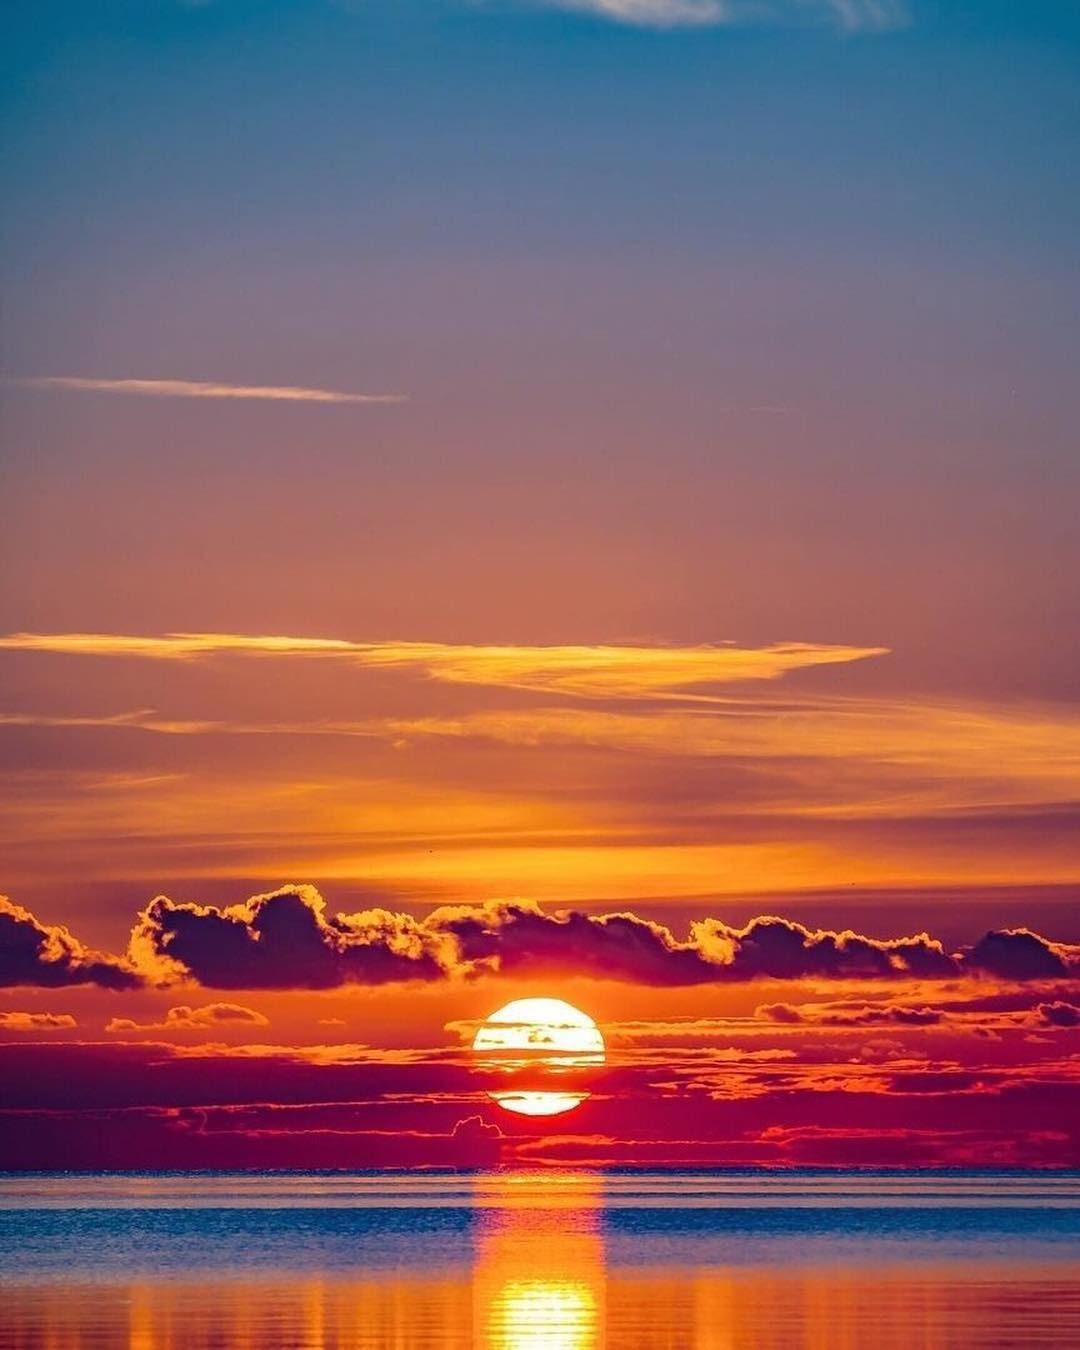 Картинки красивого заката солнца